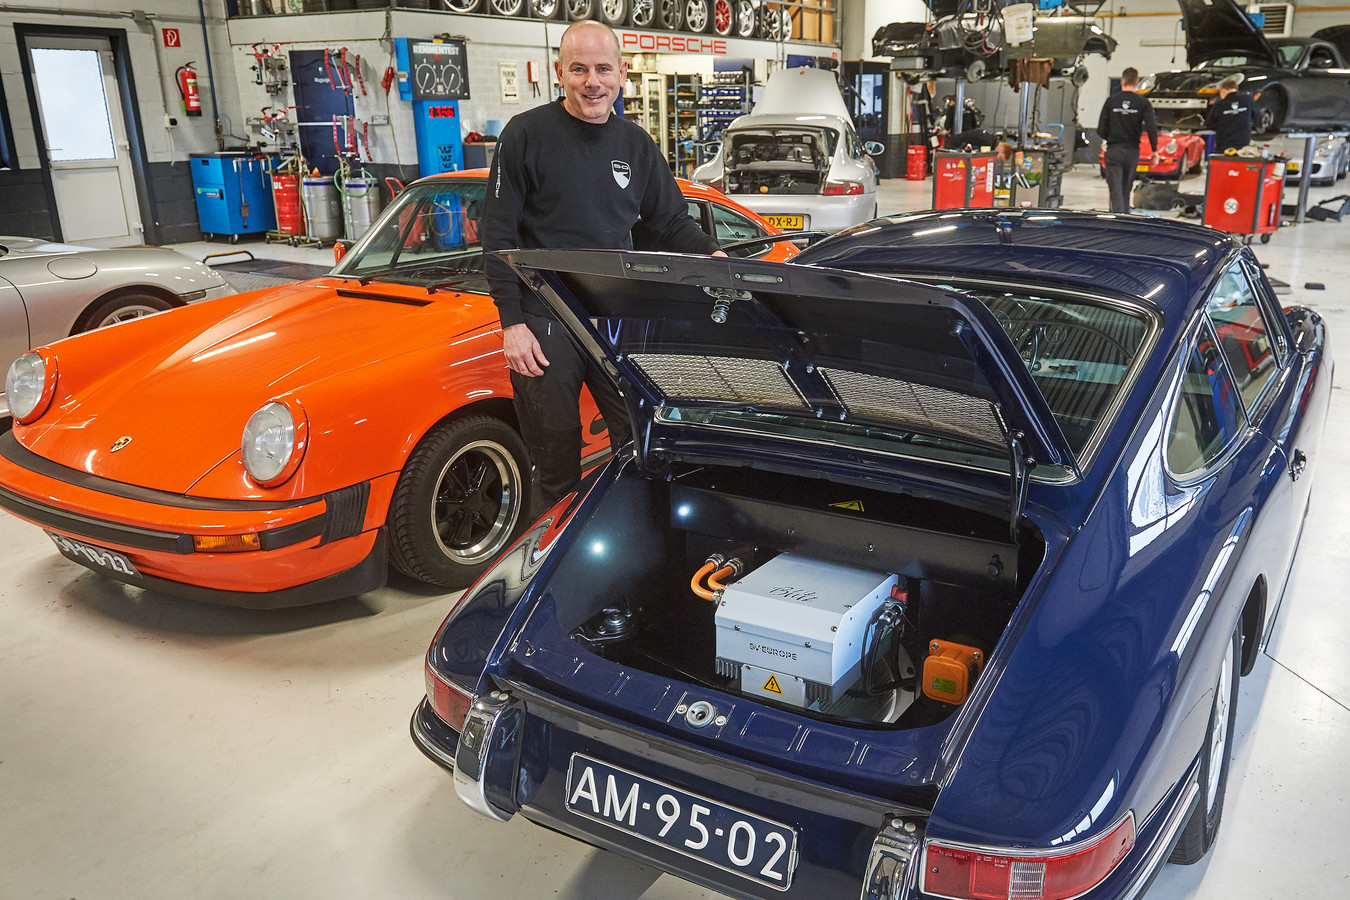 Frank Schmidt van Schmidt Porsche te Oss heeft de eerste elektrische Porsche van Nederland gemaakt. Fotograaf: Van Assendelft/Jeroen Appels